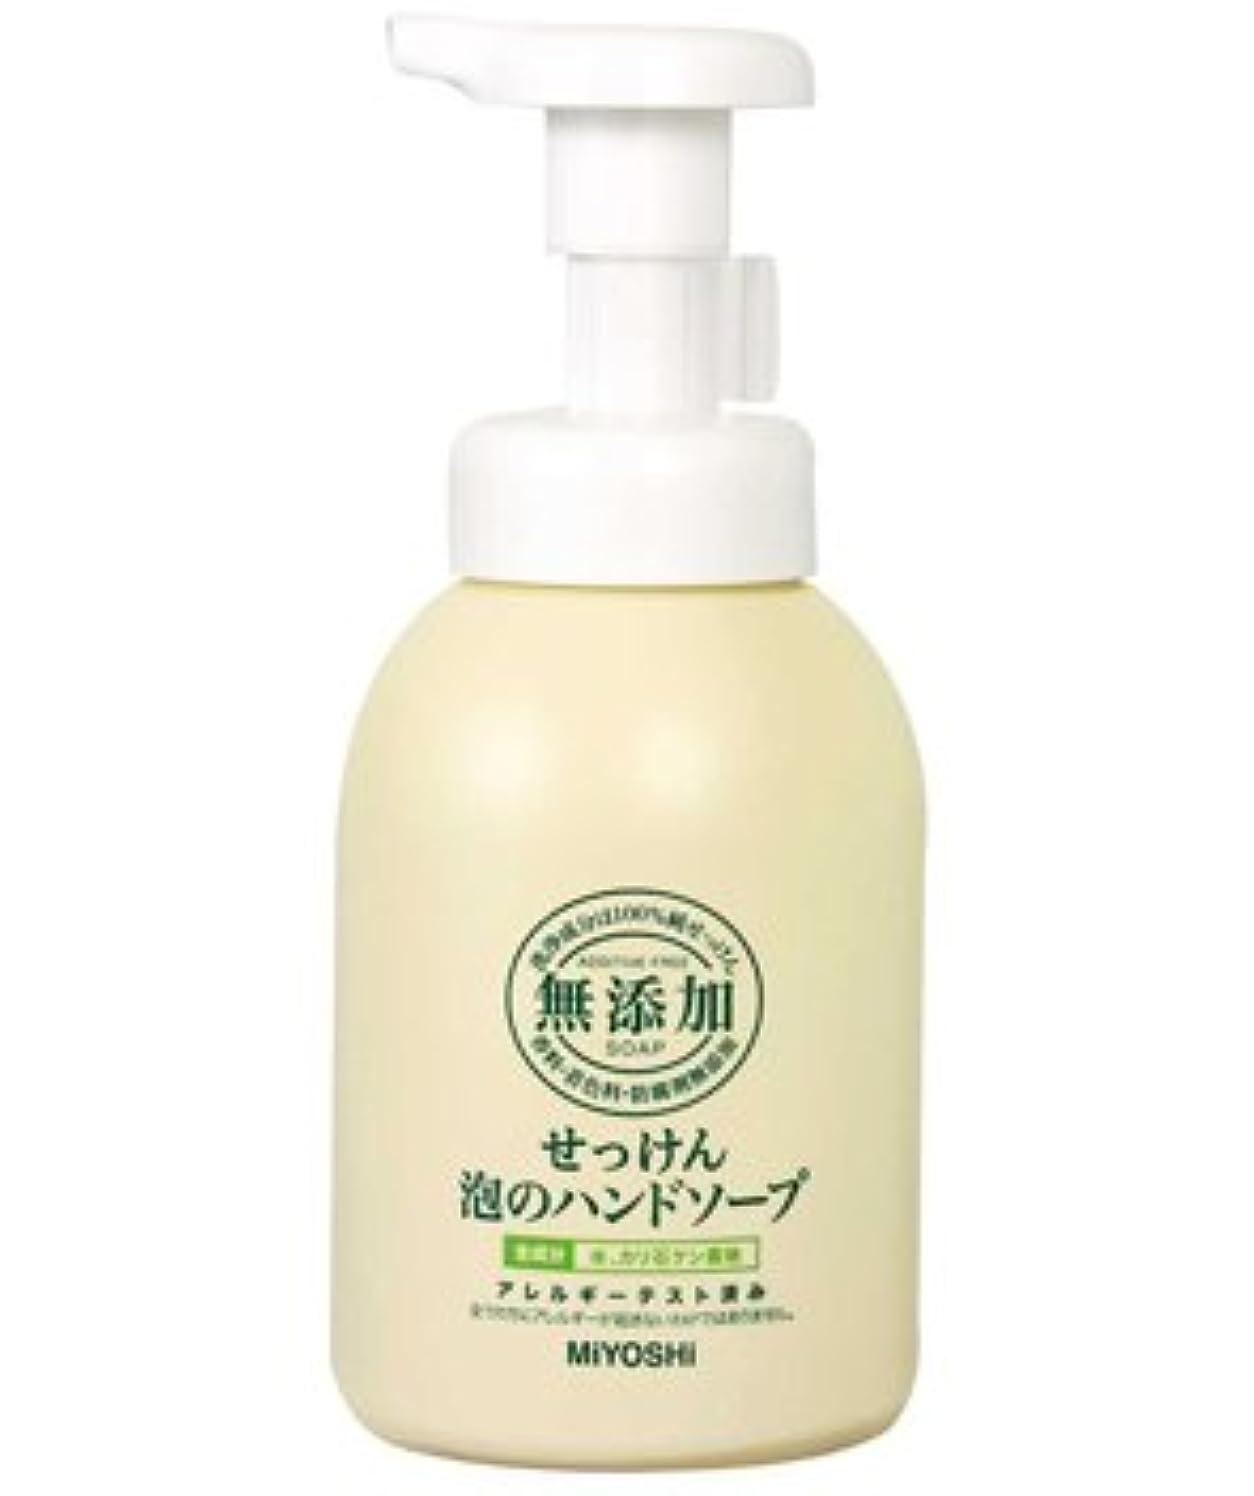 下別の耐久ミヨシ石鹸 無添加 せっけん 泡のハンドソープ ポンプ 350ml(無添加石鹸) ×24点セット (4904551100607)